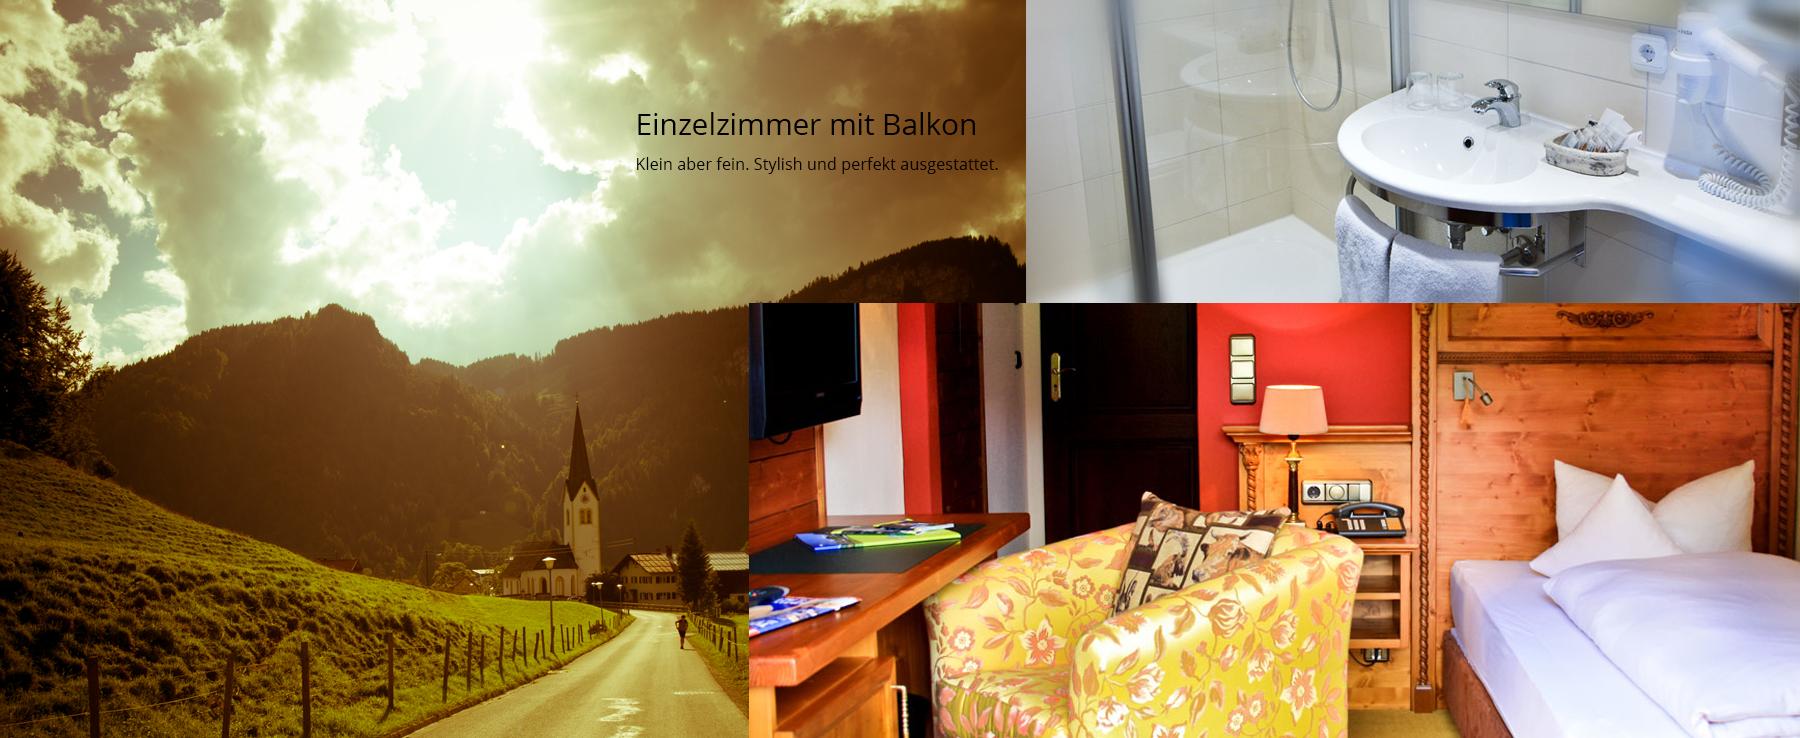 Einzelzimmer mit Balkon